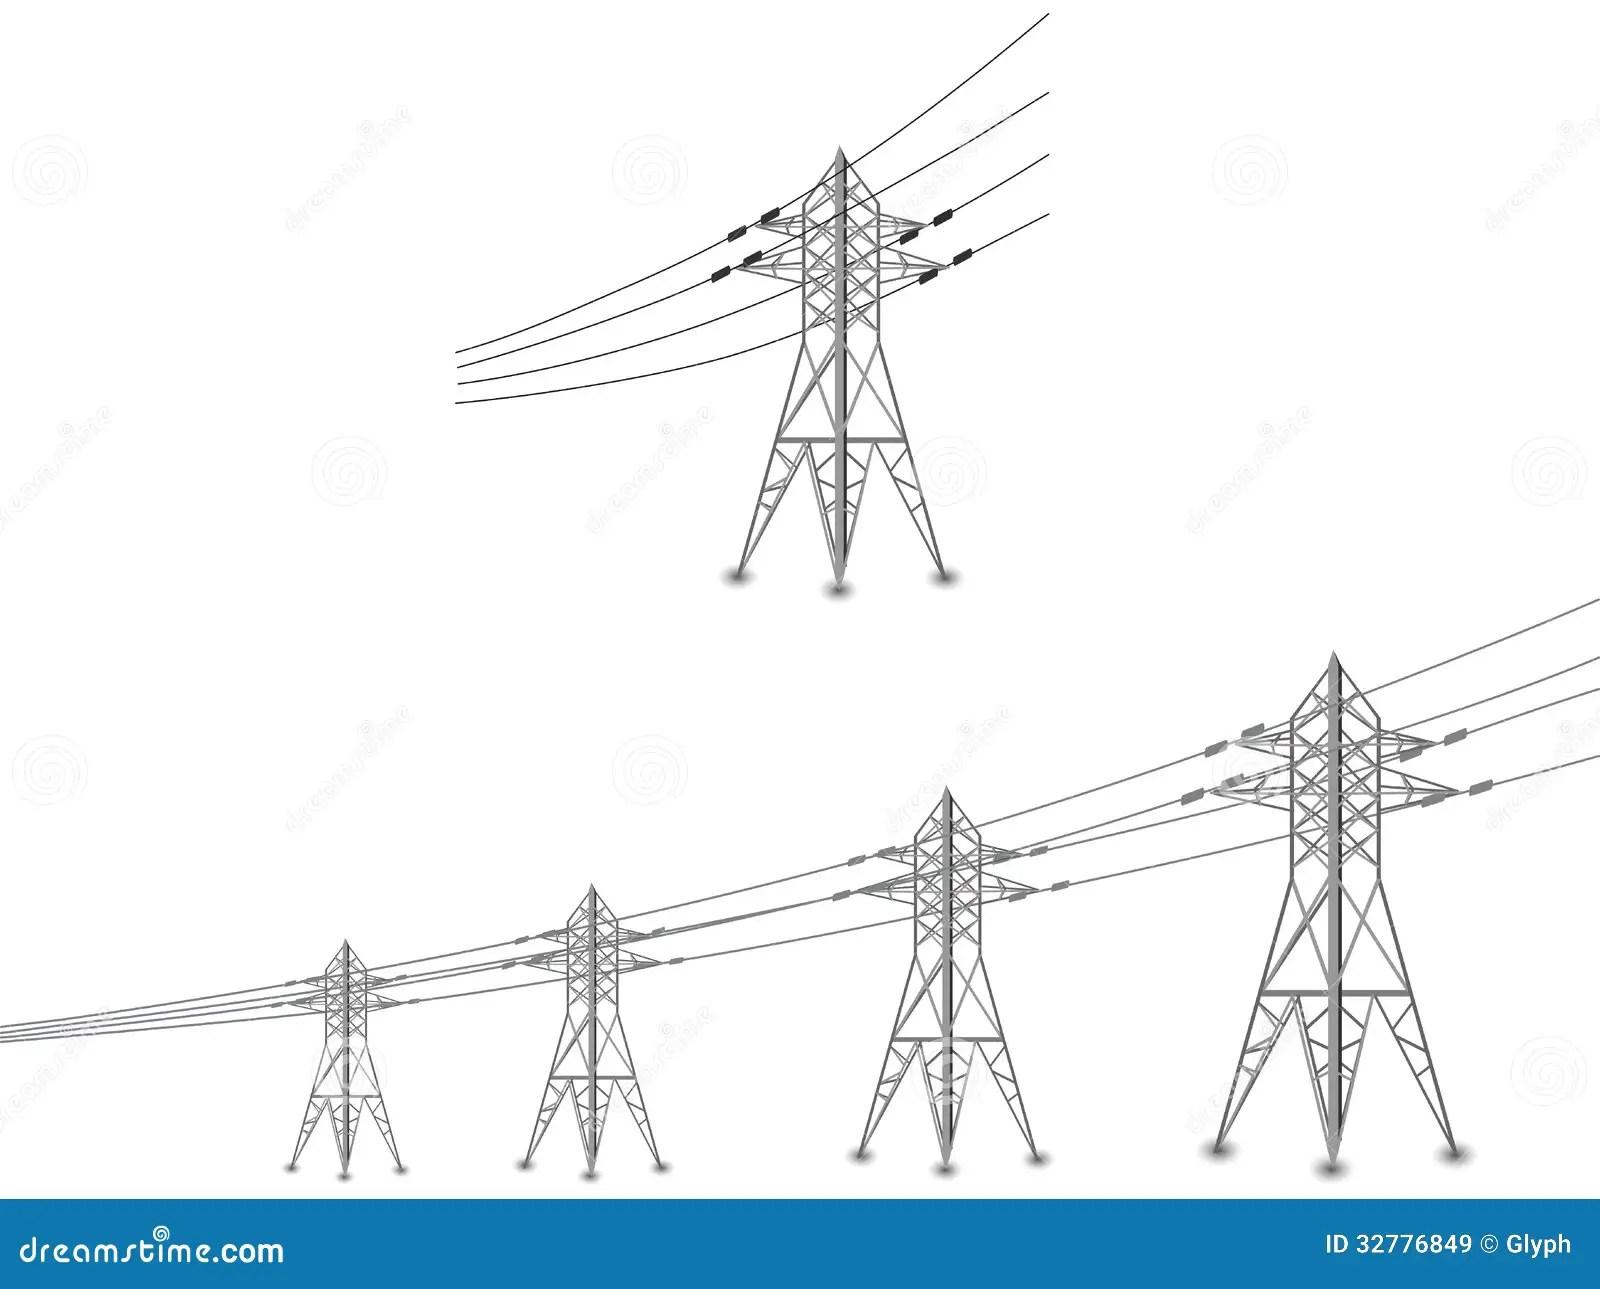 Ensemble De Lignes Electriques Et De Pylones Electriques